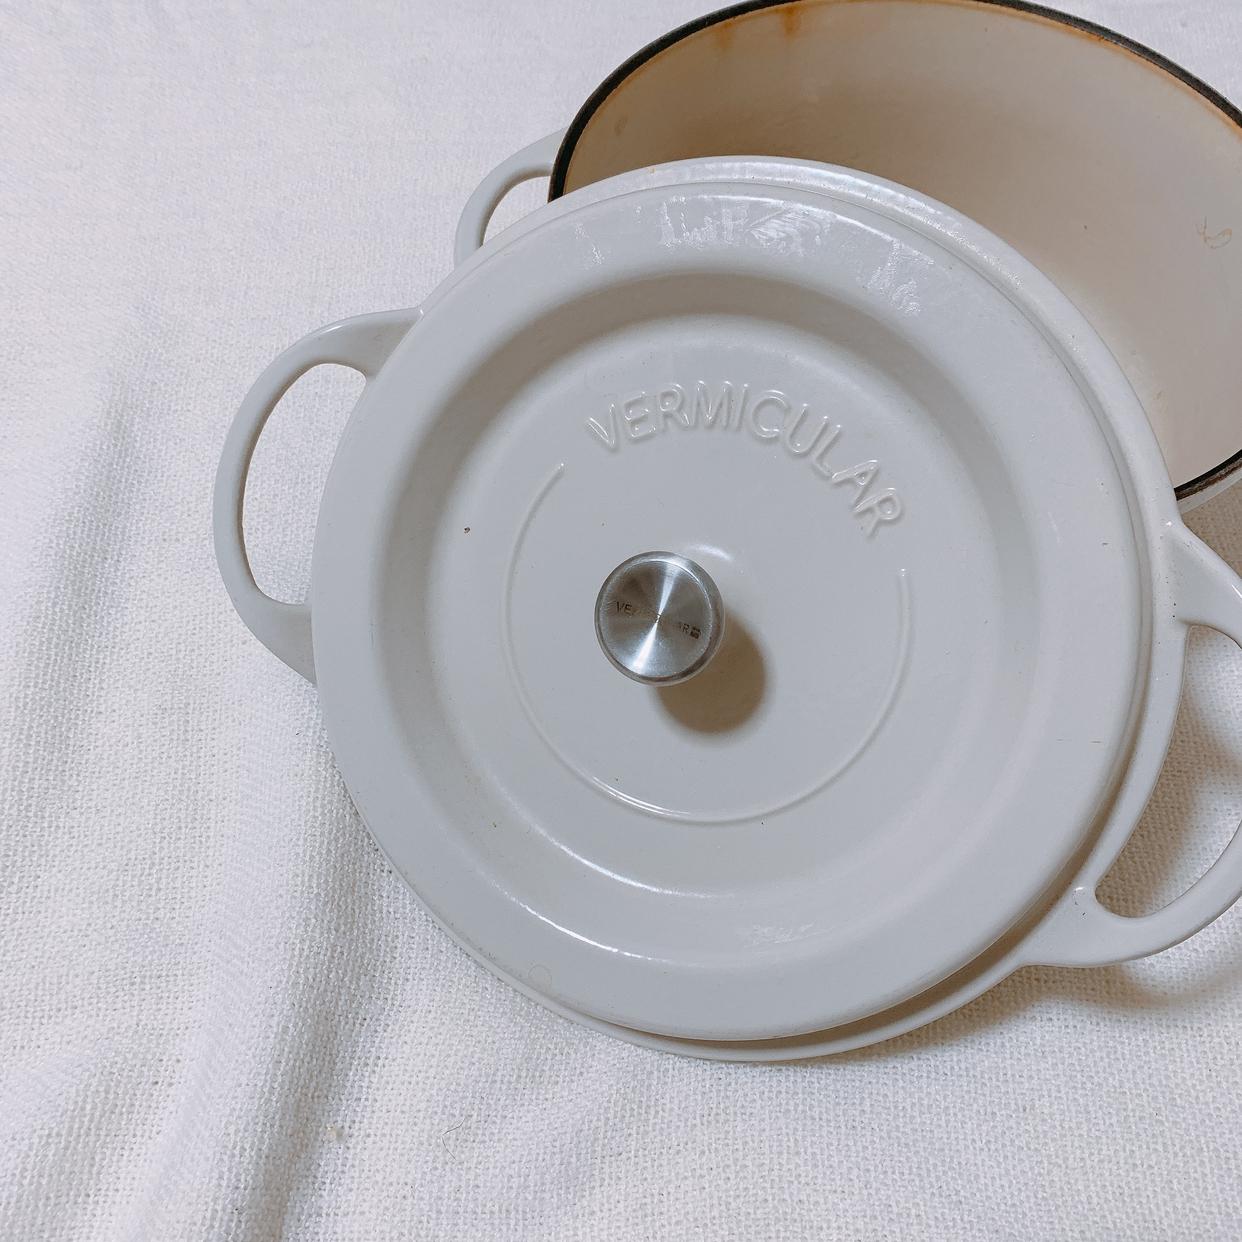 Vermicular(バーミキュラ)オーブンポットラウンド 26cm SUKIYAKI ナチュラルベージュを使ったあちゃんmomさんのクチコミ画像1